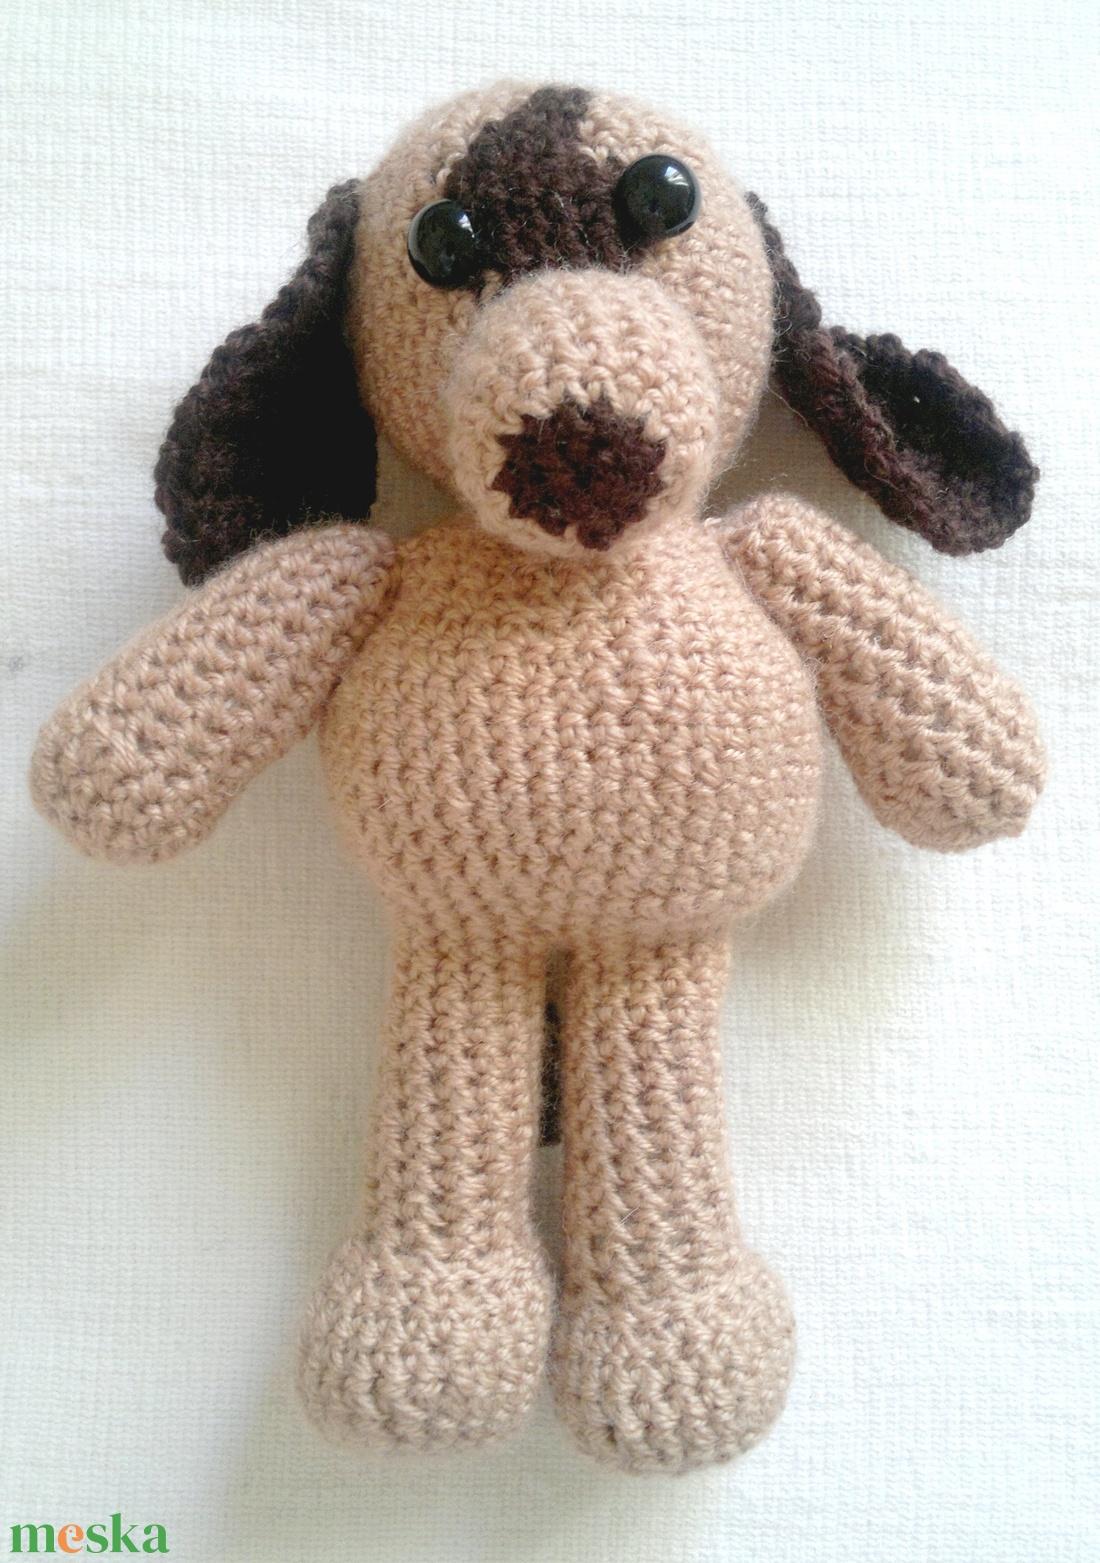 aranyos horgolt barna kutya - játék & gyerek - plüssállat & játékfigura - kutya - Meska.hu